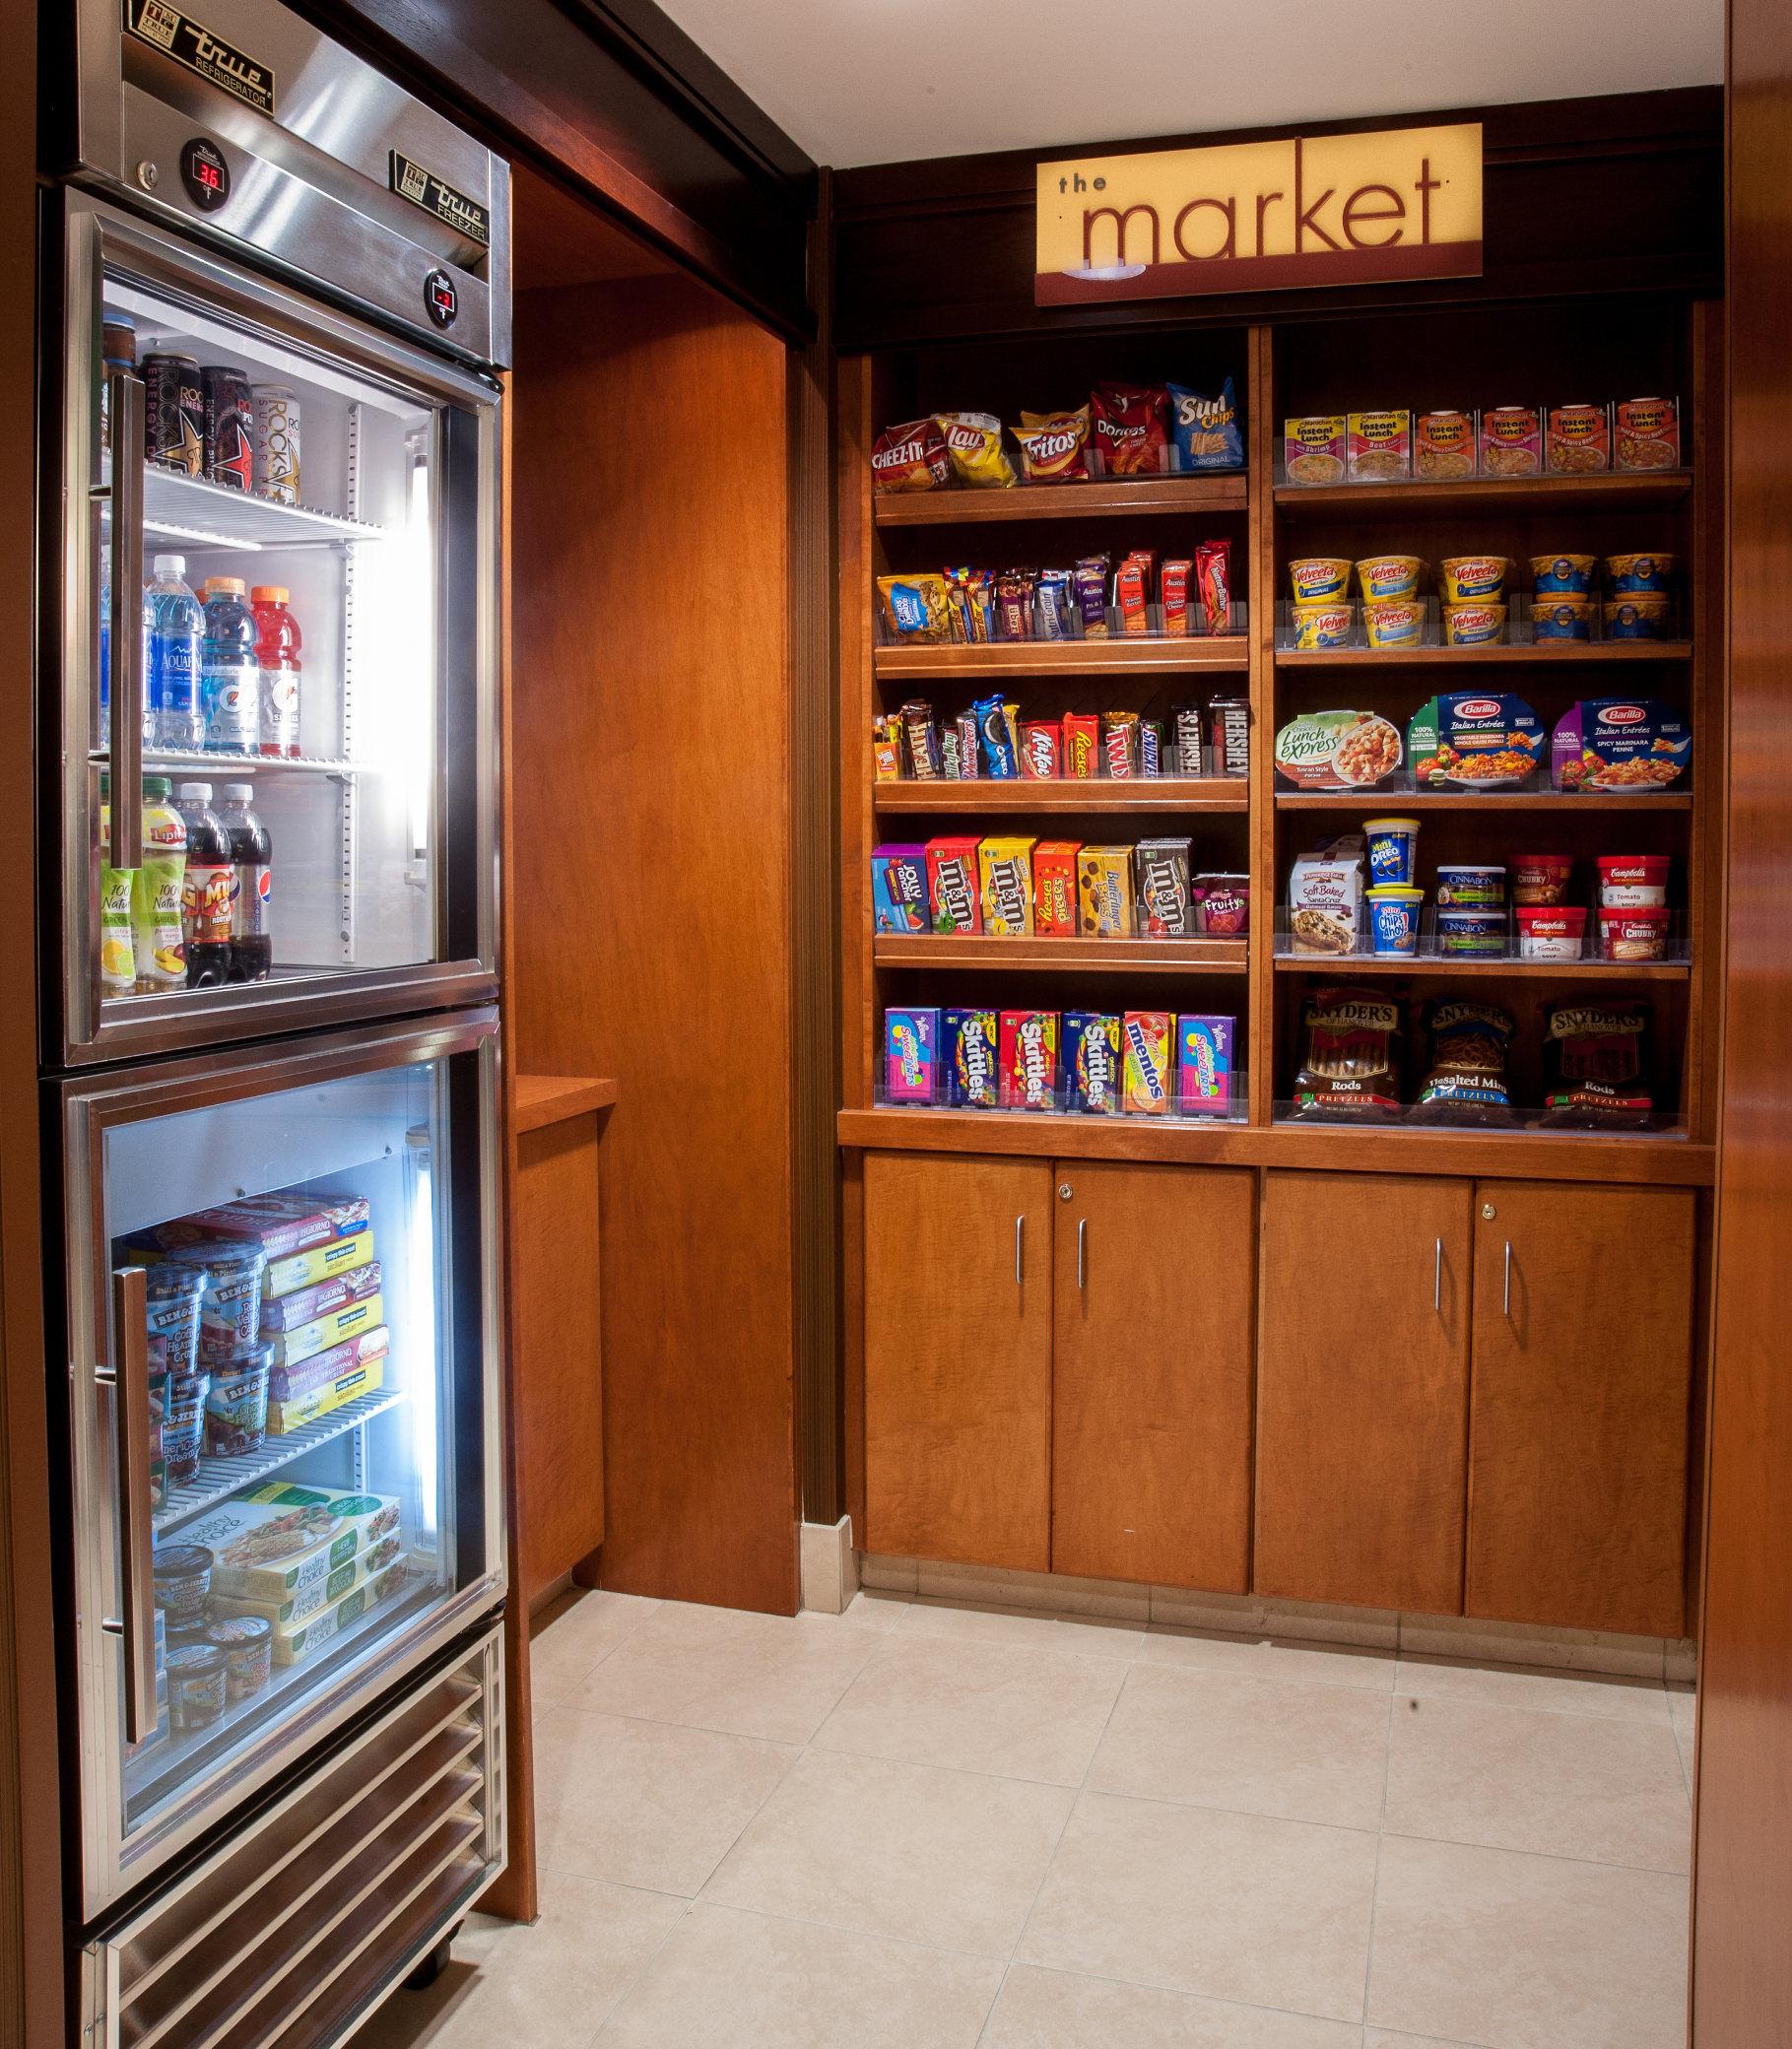 Fairfield Inn & Suites by Marriott Clovis image 16